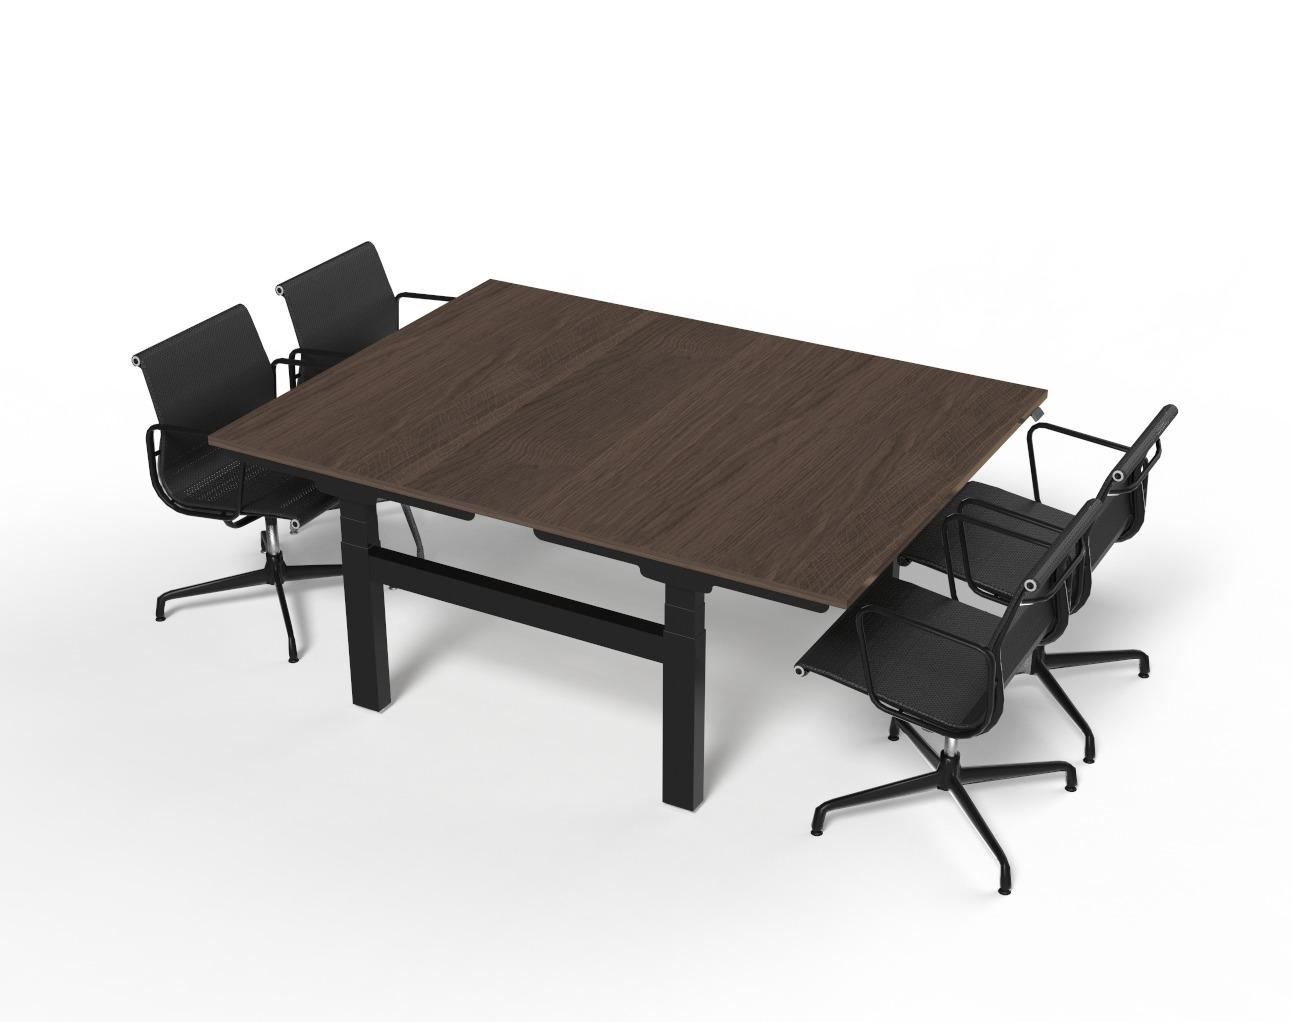 Zit-sta vergadertafel